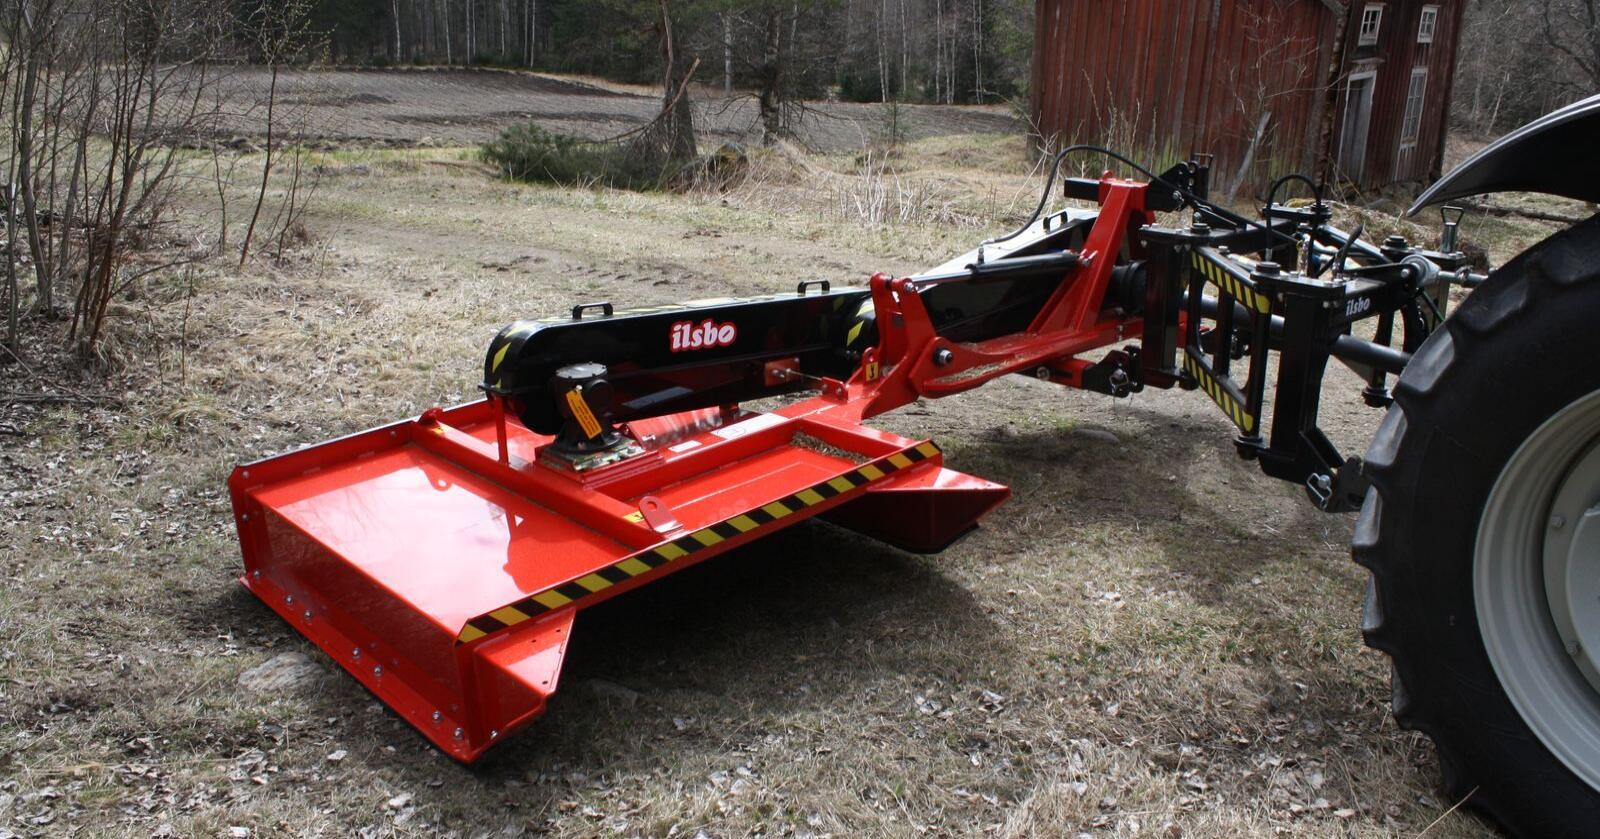 Tokvam as på Reinsvoll, Norge kjøper produkt- og merkevarerettigheter fra svenske Ilsbo Tools AB.